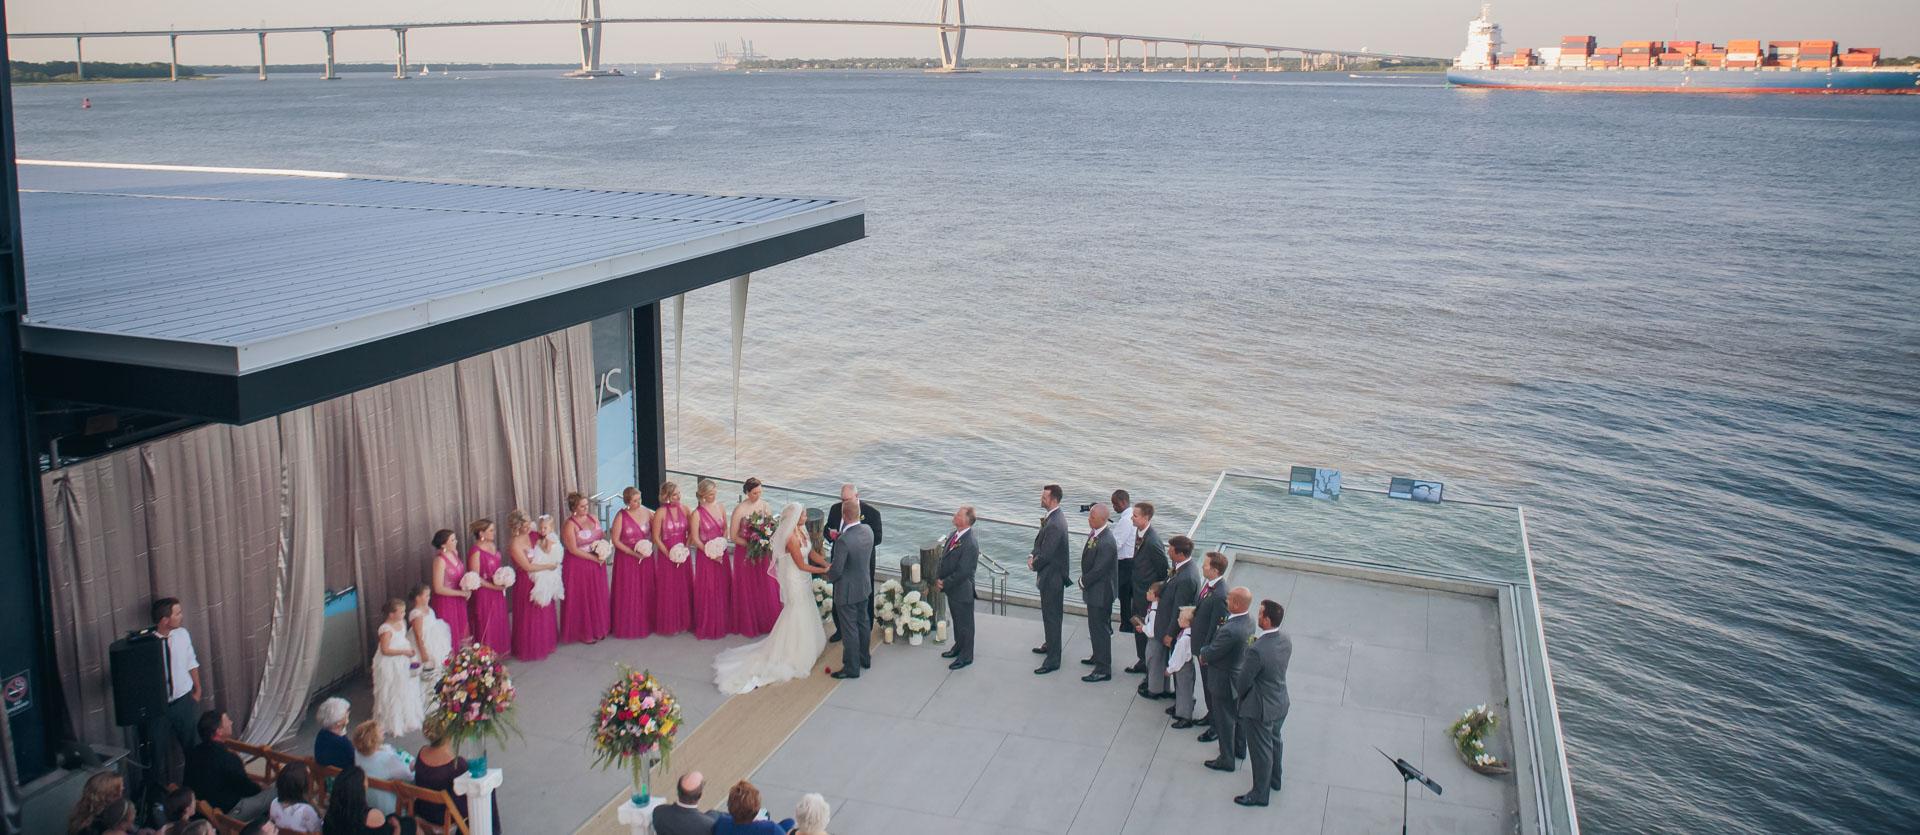 Weaver Ceremony